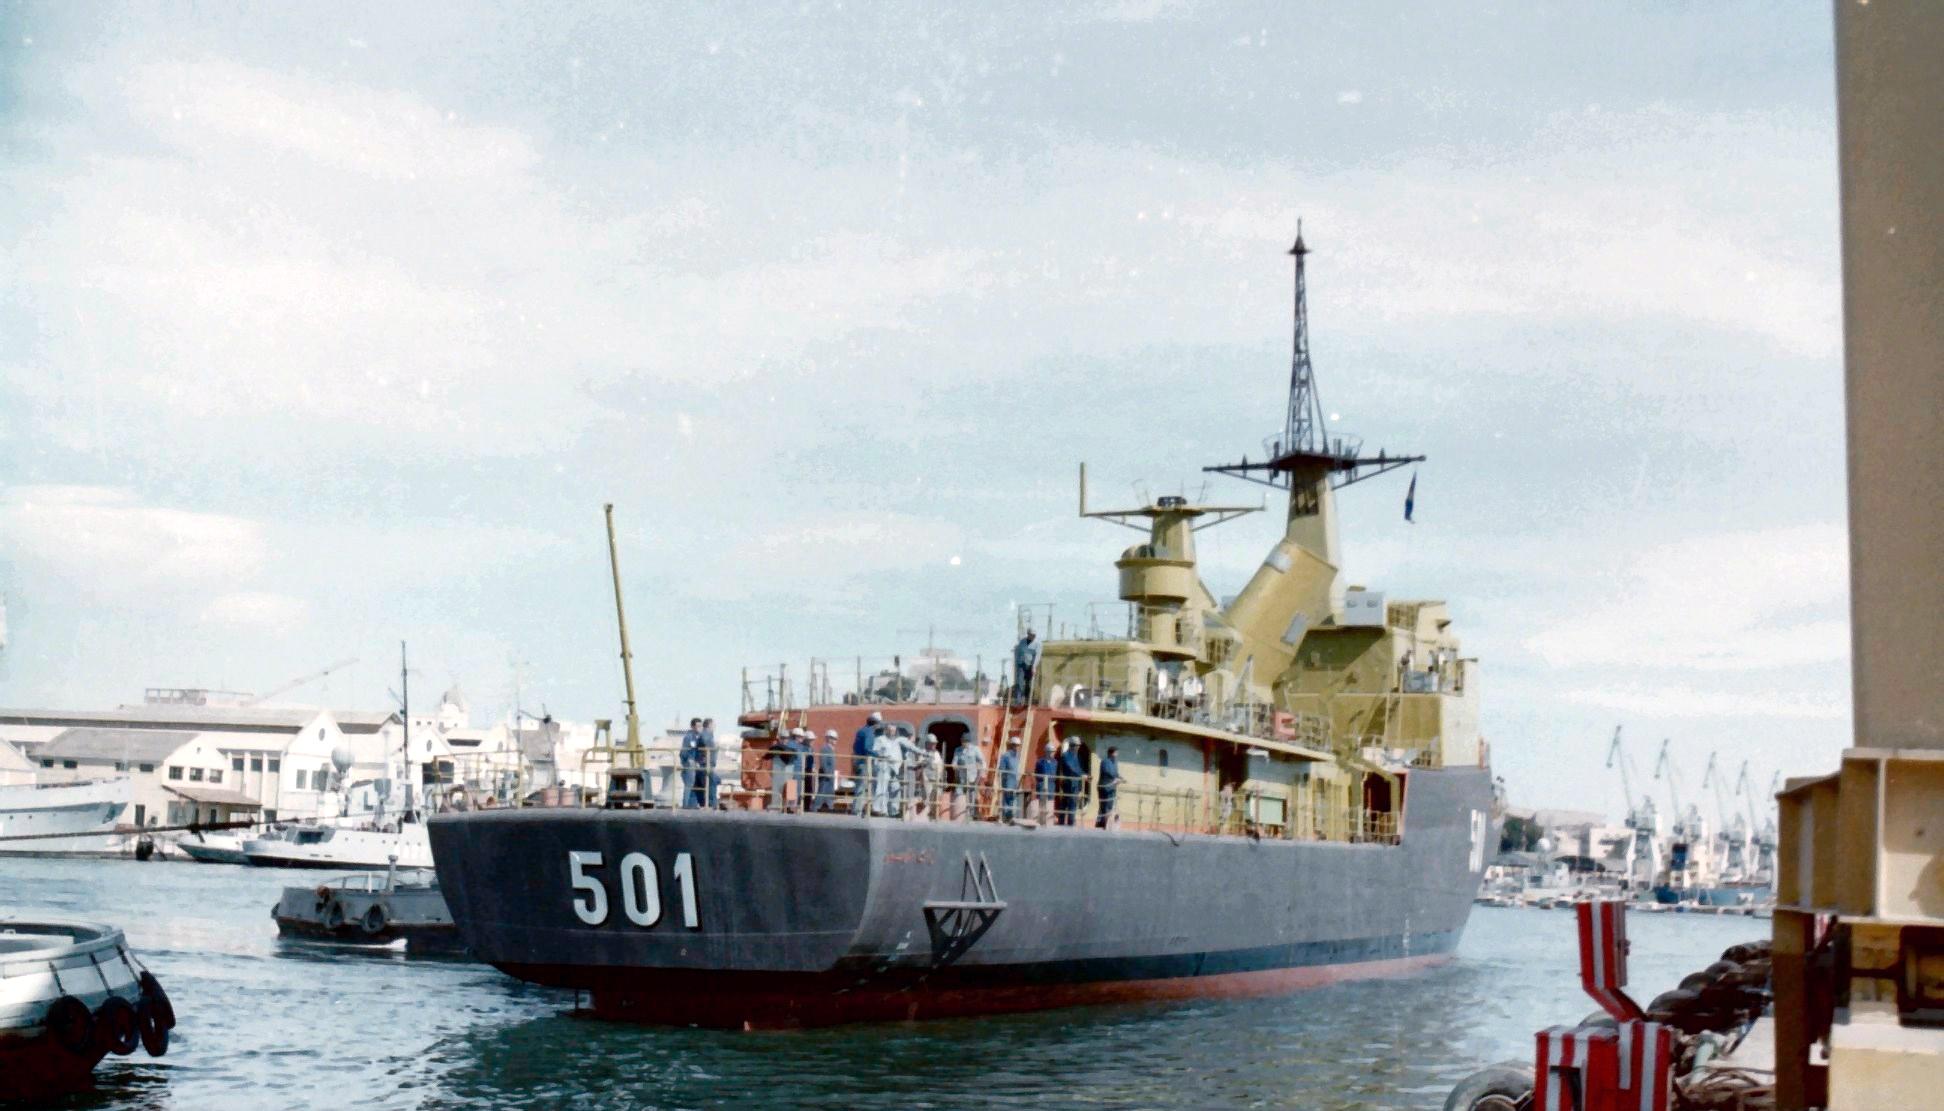 Royal Moroccan Navy Descubierta Frigate / Corvette Lt Cl Errahmani - Bâtiment École - Page 4 Clipb500